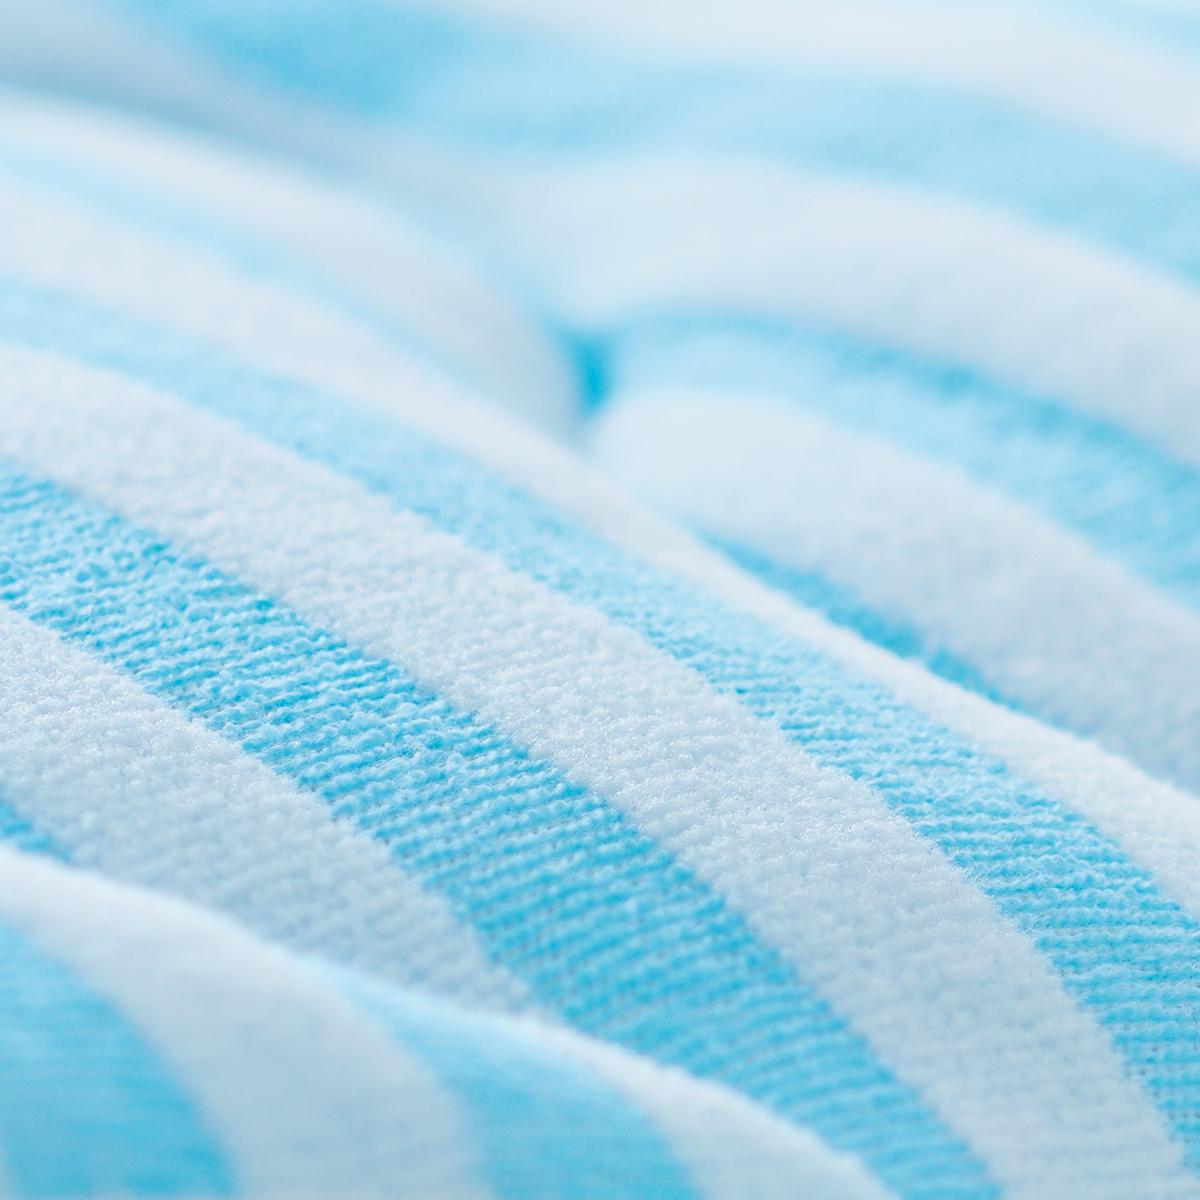 寝苦しい夜も、朝まで快眠|枕カバー|医療脱脂綿とテクノファイン(機能繊維)が吸汗・放湿・速乾。寝苦しい夜でも、快眠へ